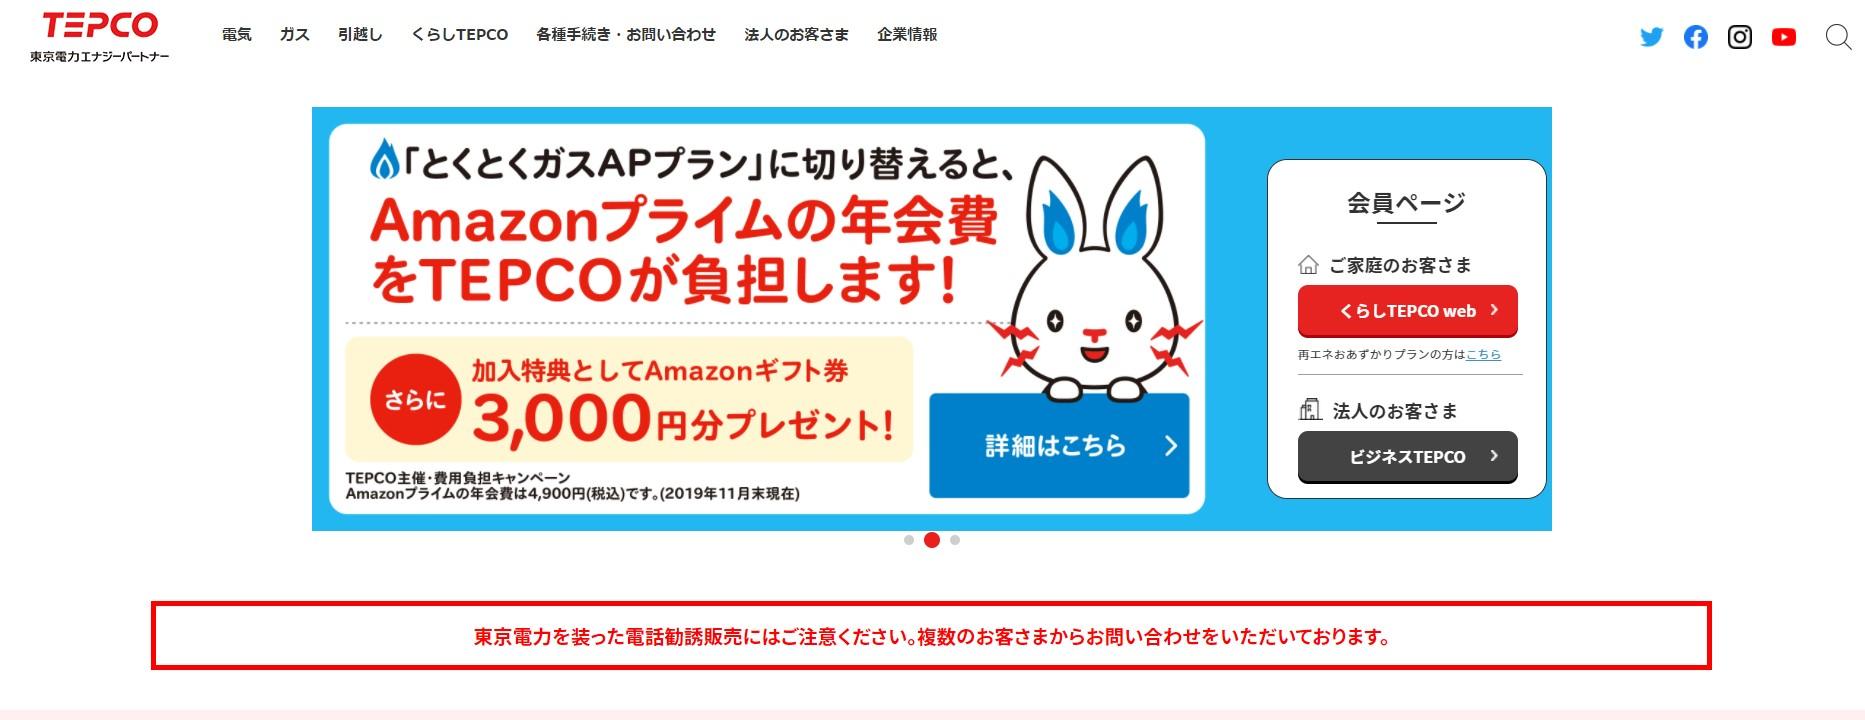 東京電力の企業情報